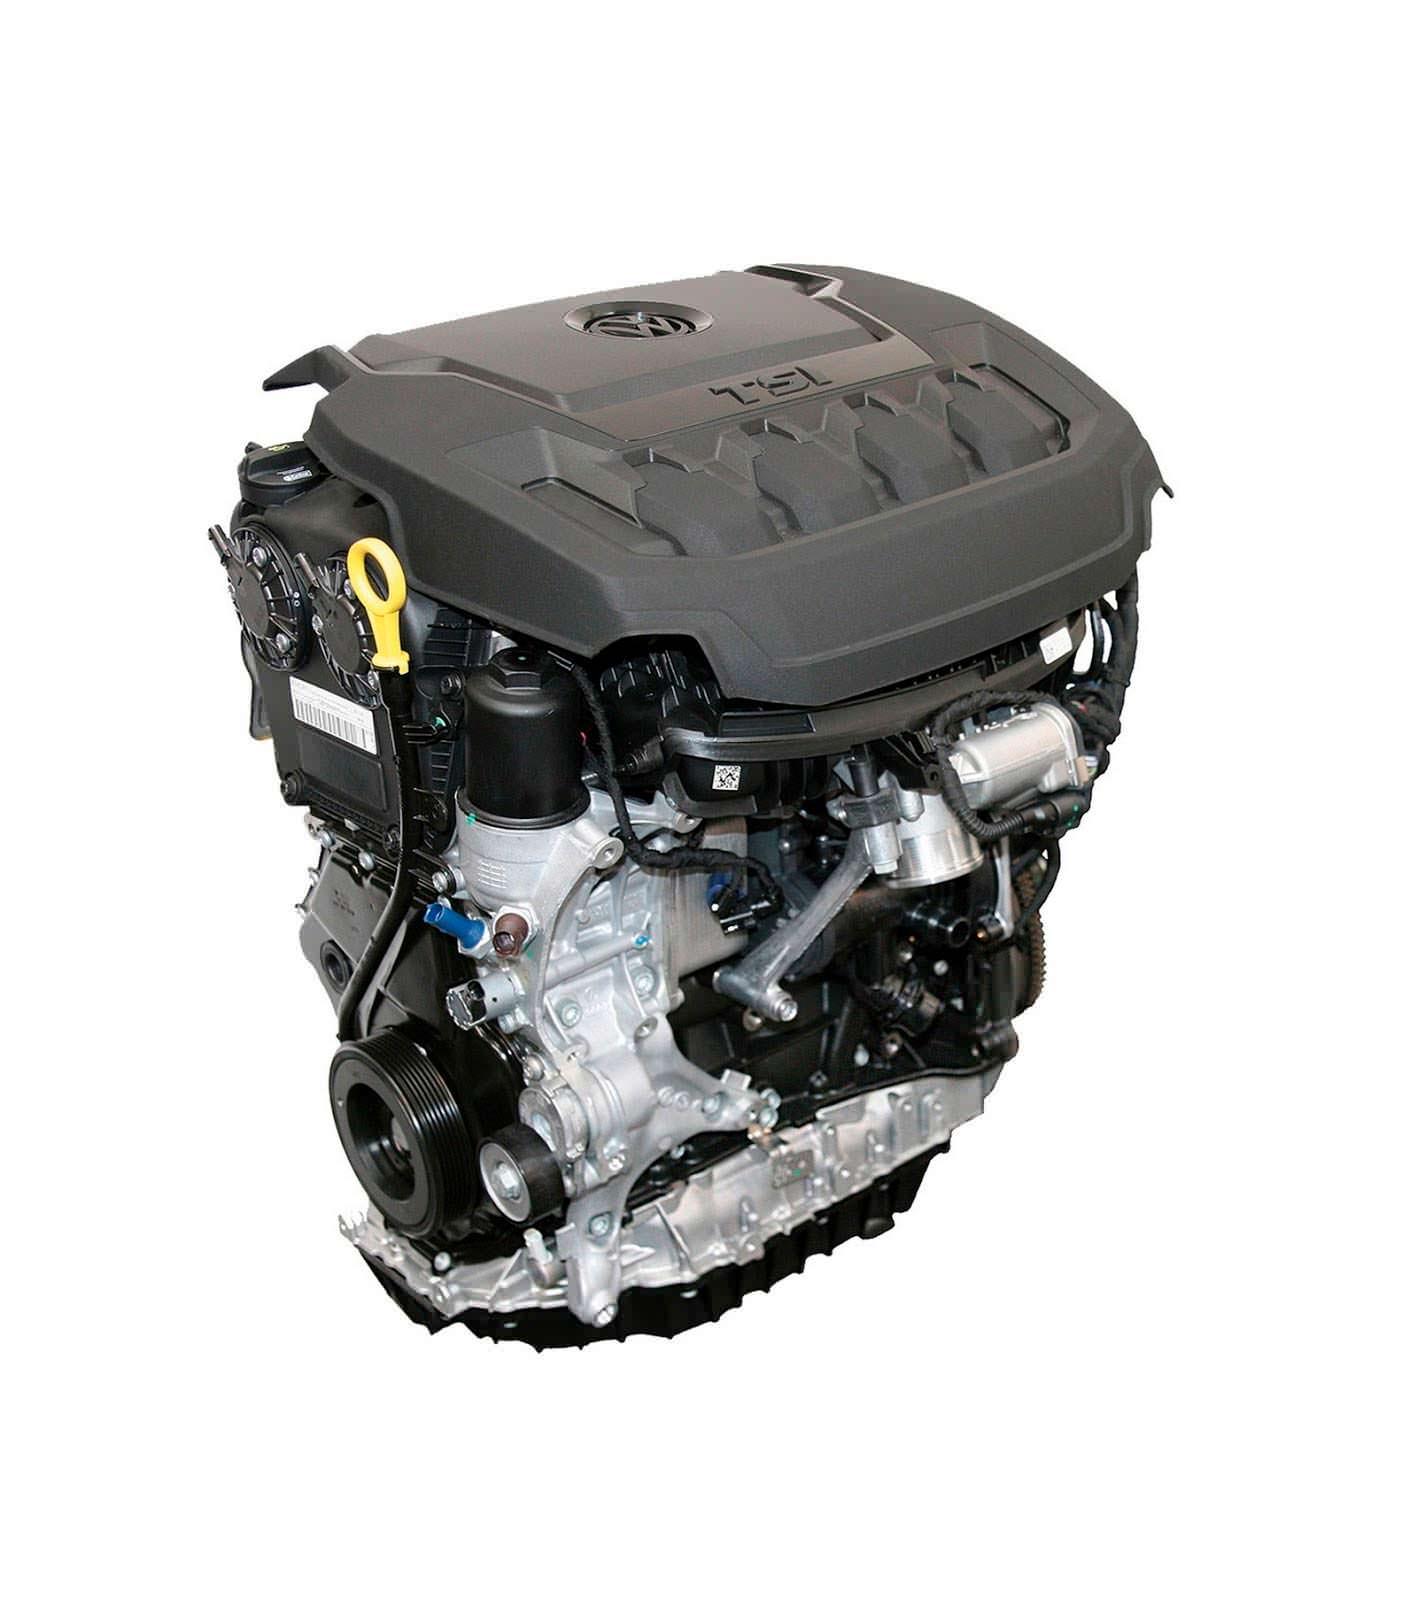 Модернизированный двигатель Volkswagen Gen3.B на 2,0-литра